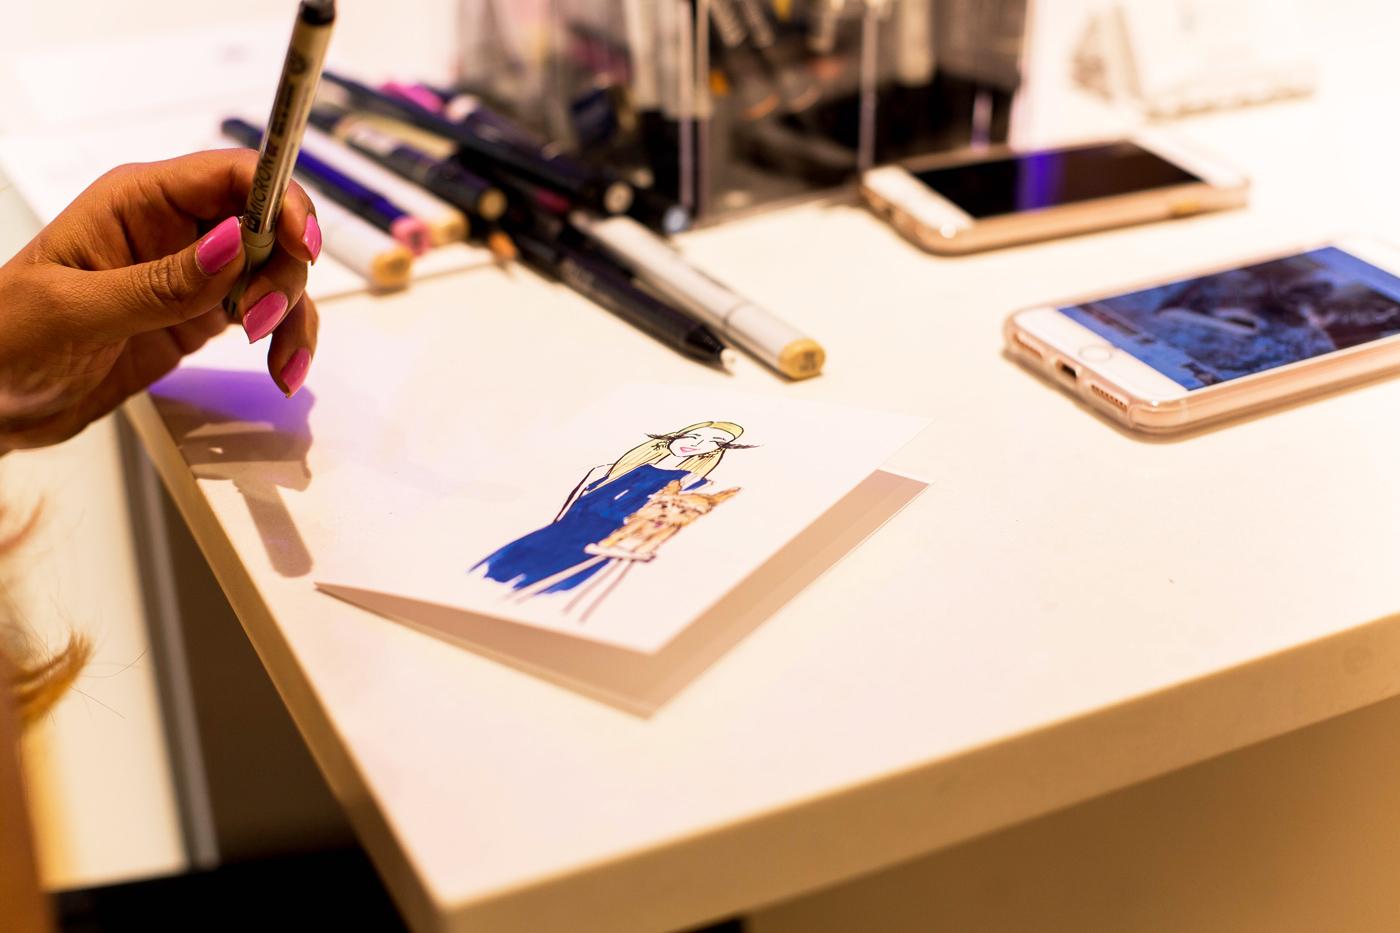 TAOS-Illustration-Live-drawing-Kendra-Scott